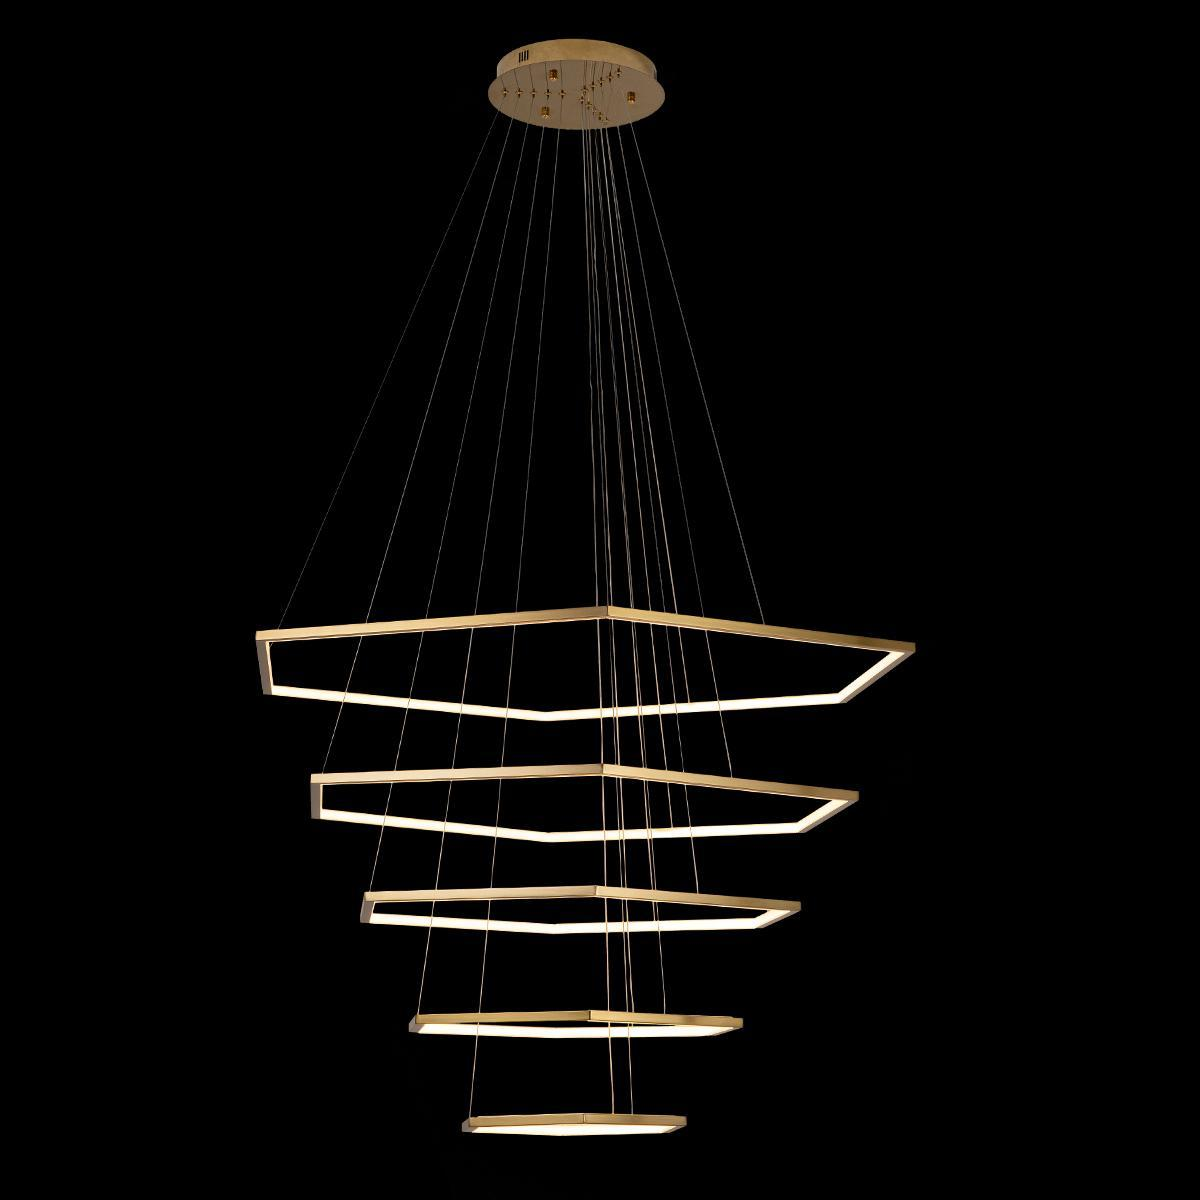 Подвесной светодиодный светильник Loft It Ring 10016/5, LED 122W, матовое золото, металл - фото 2